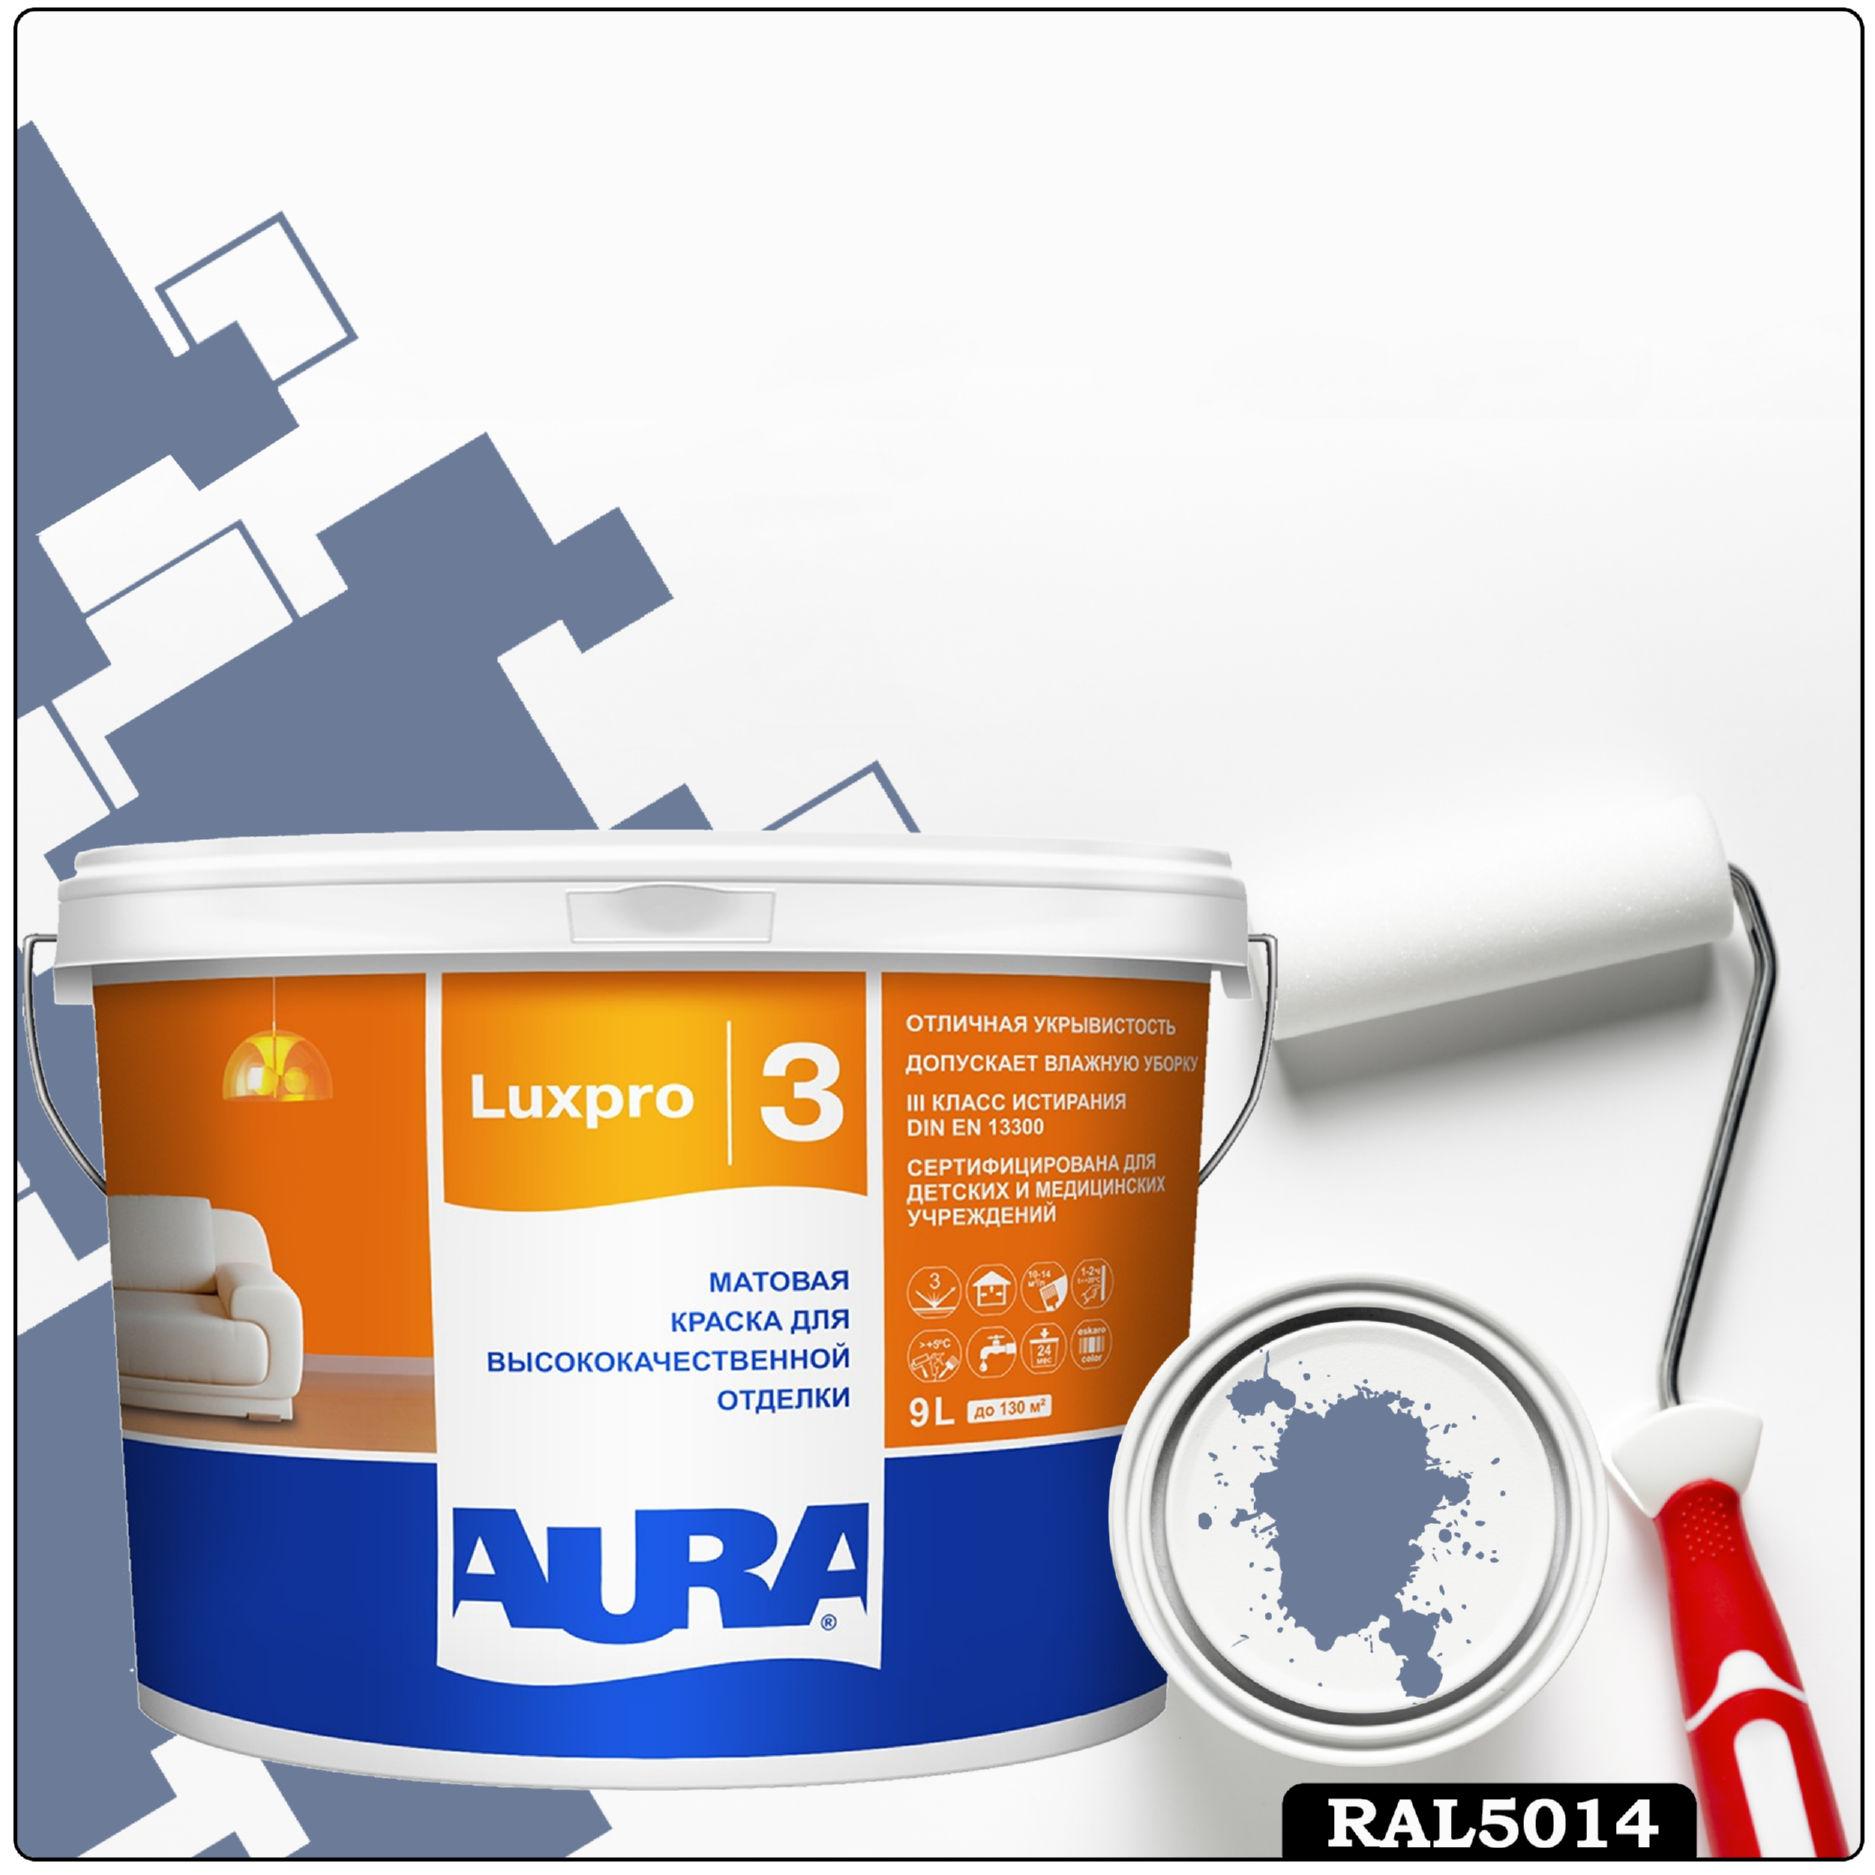 Фото 14 - Краска Aura LuxPRO 3, RAL 5014 Голубино-синий, латексная, шелково-матовая, интерьерная, 9л, Аура.